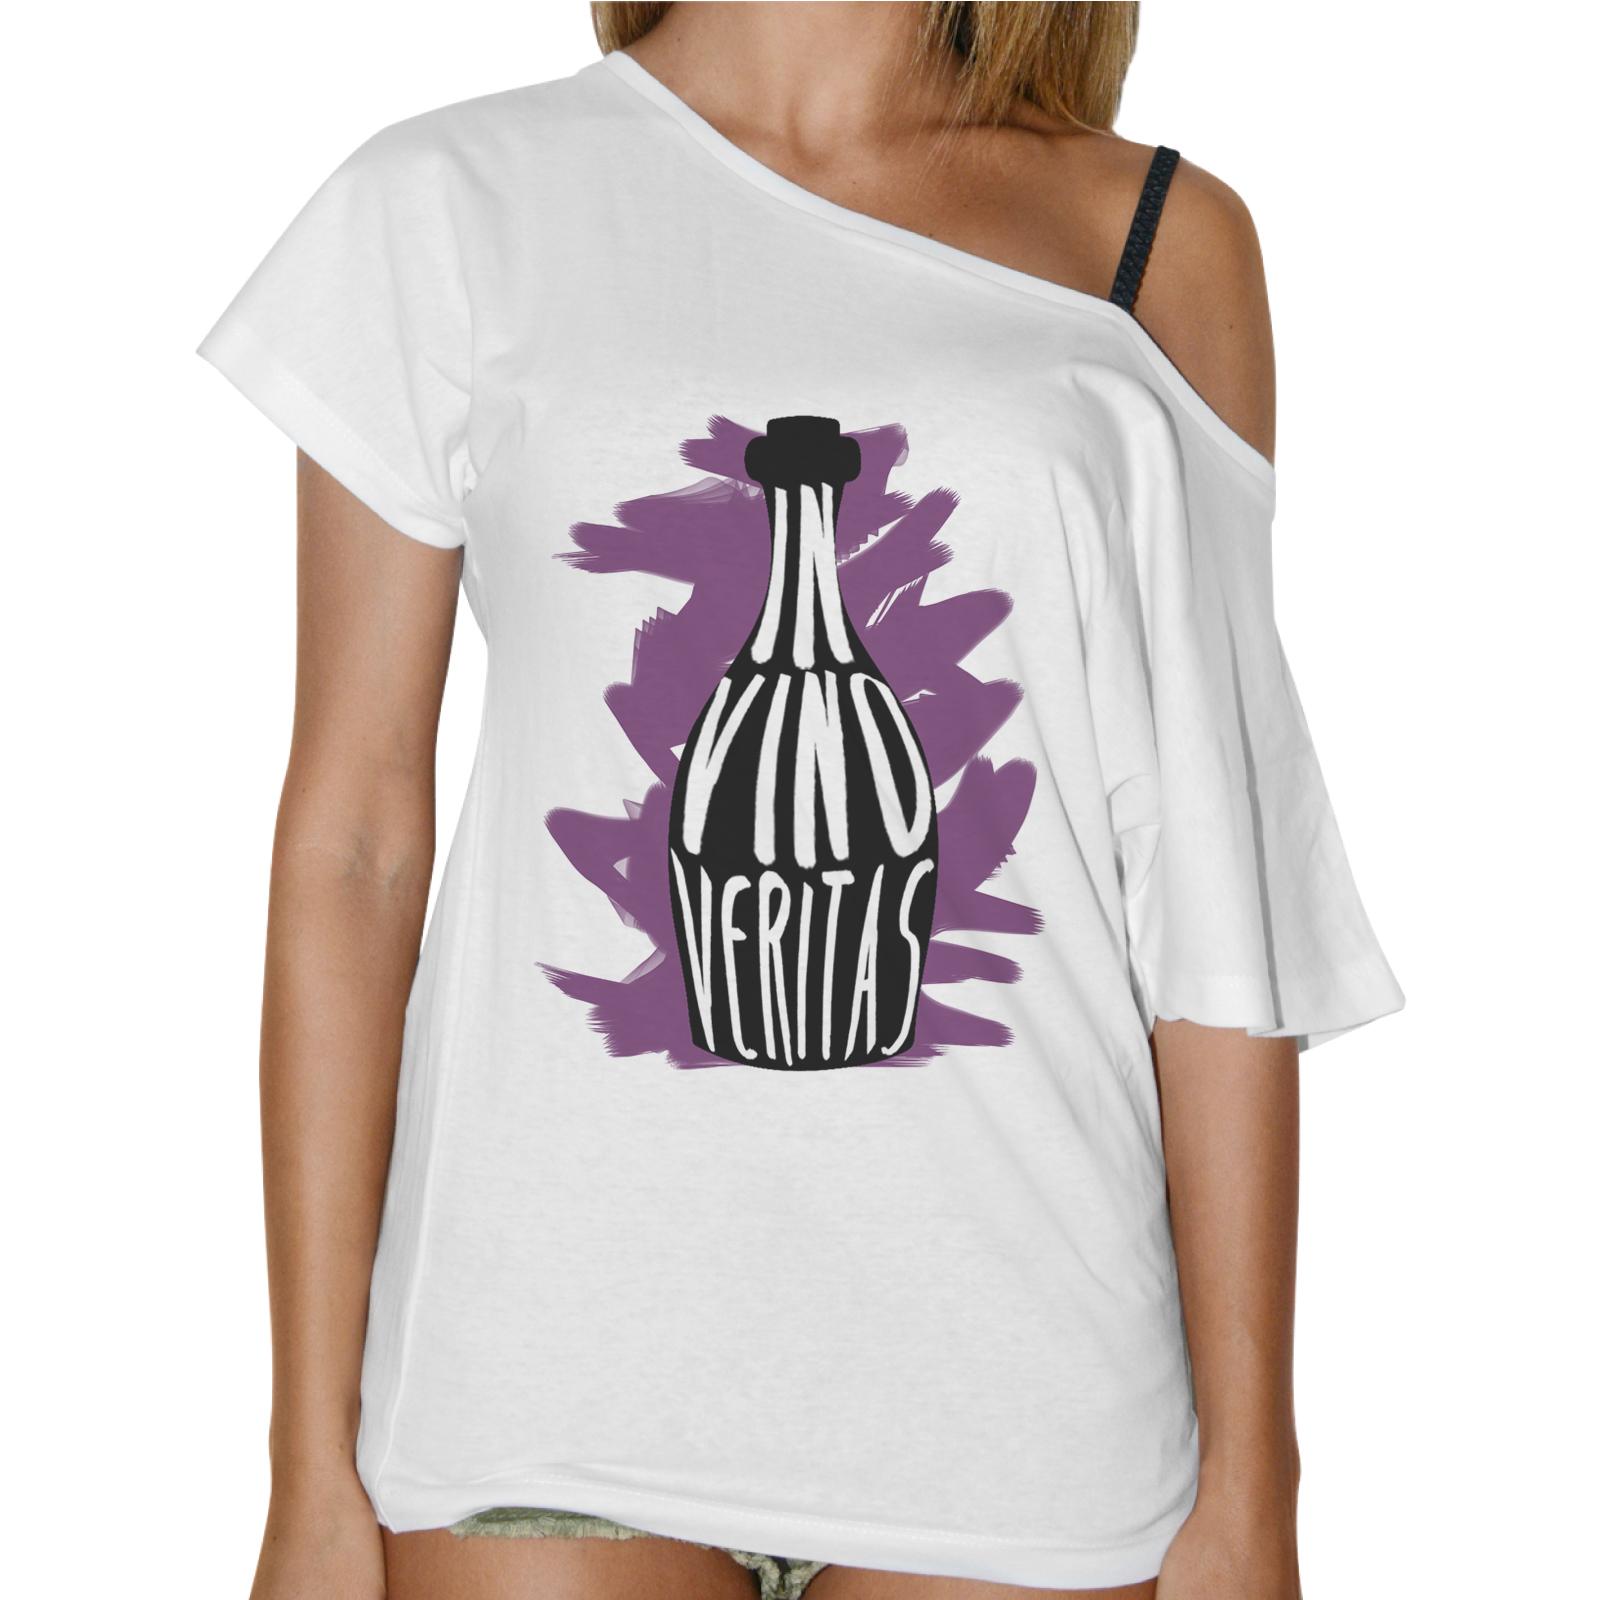 T-Shirt Donna Collo Barca VINO VERITAS 1